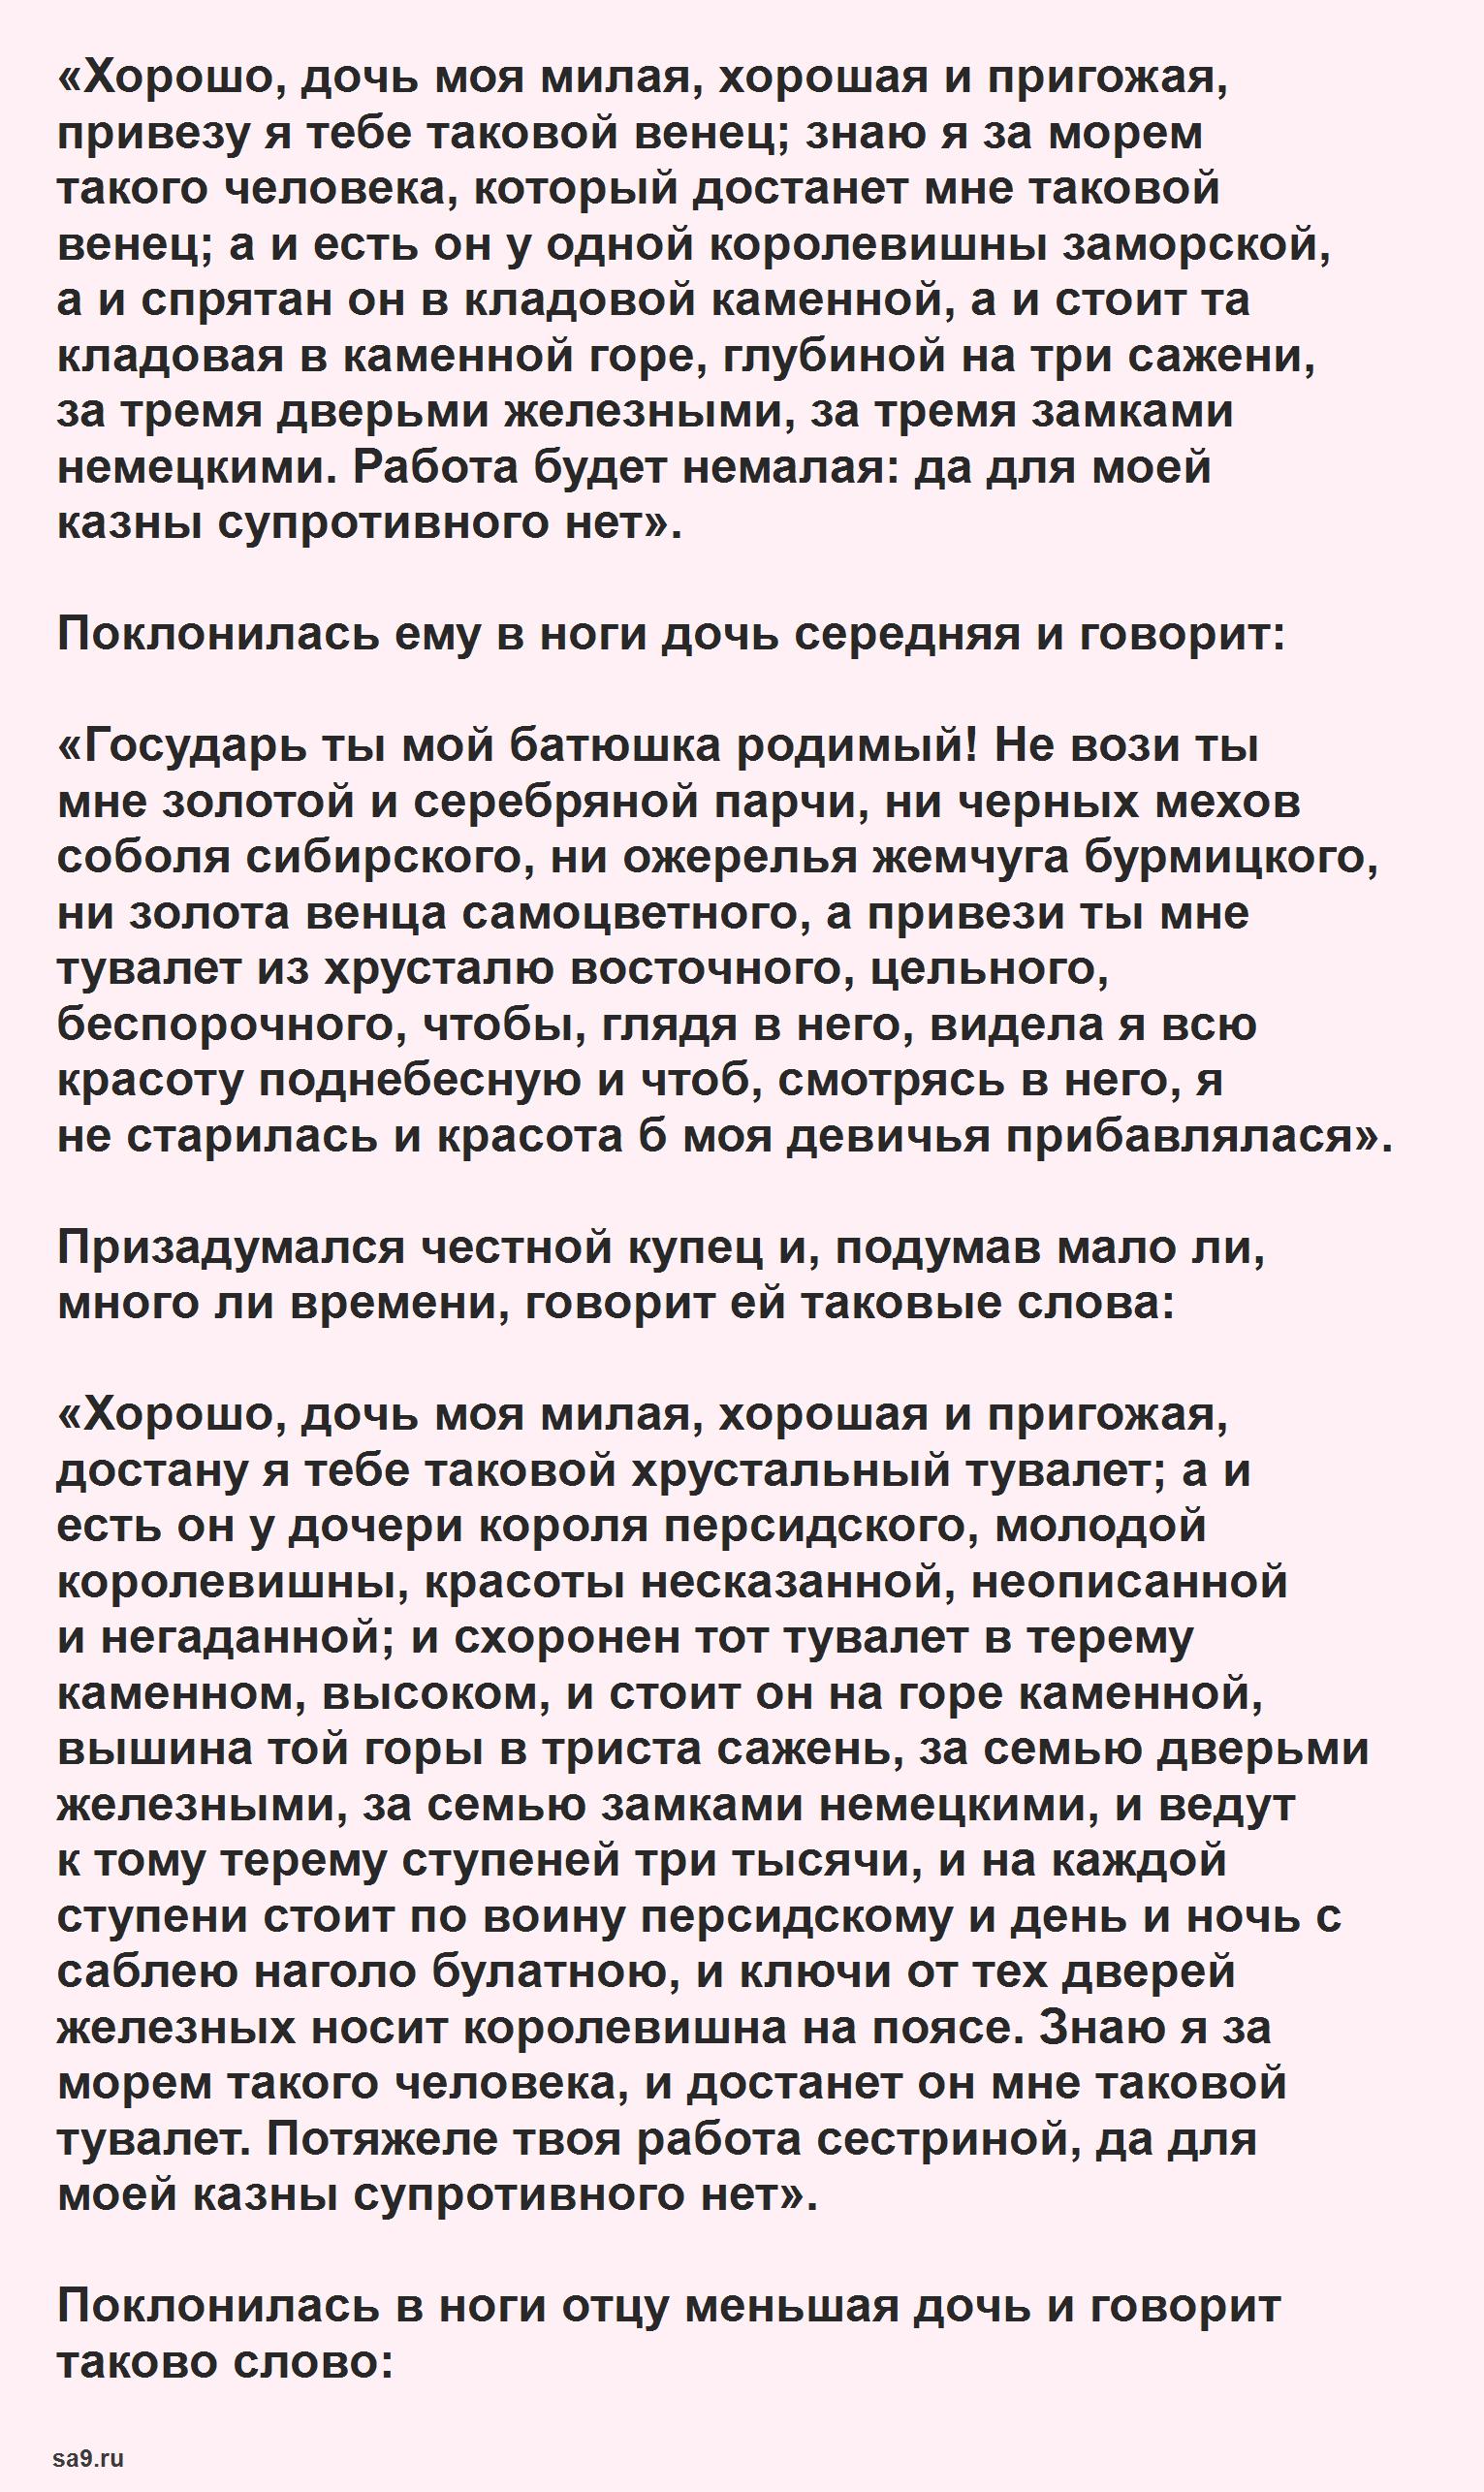 Сказка Аксакова – Аленький цветочек, для детей читать текст полностью